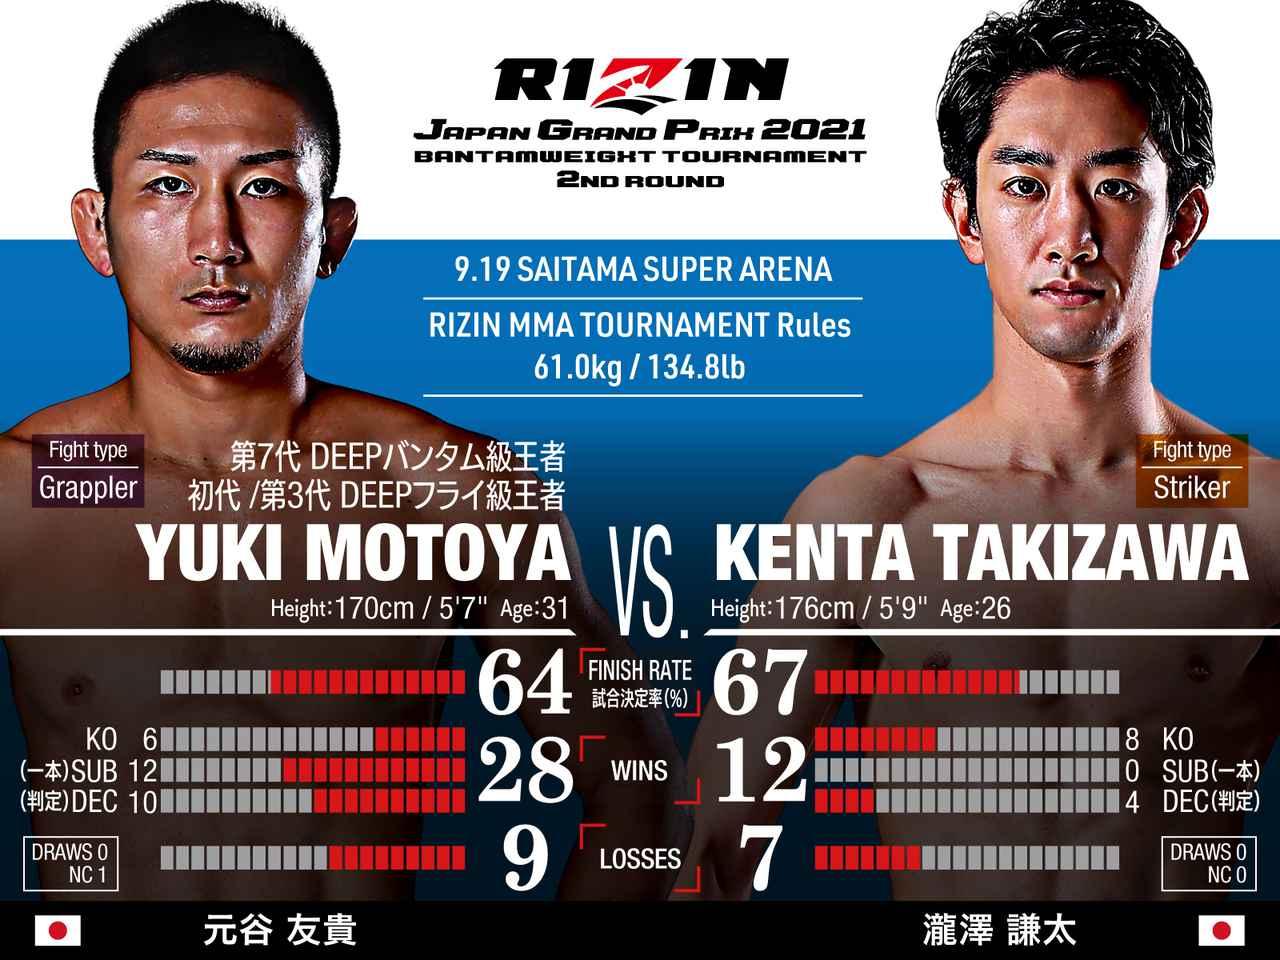 画像: 第7試合 バンタム級トーナメント 2回戦/元谷友貴 vs. 瀧澤謙太